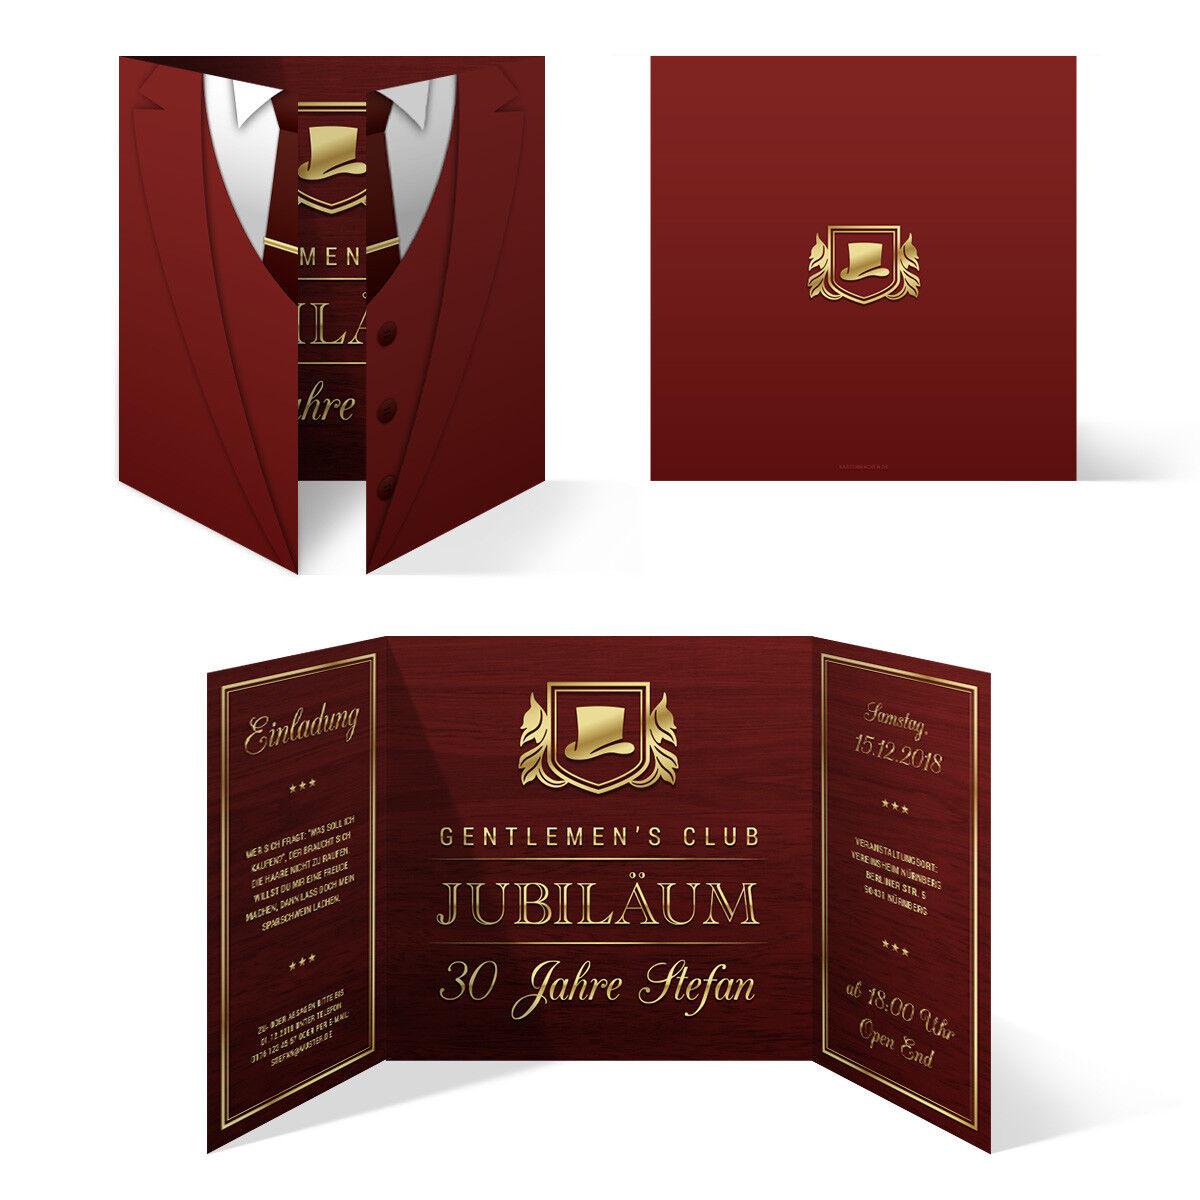 Geburtstag Einladungskarten Einladung Karten Altarfalz 148mm - Gentleherren Club | Quality First  | Moderne Technologie